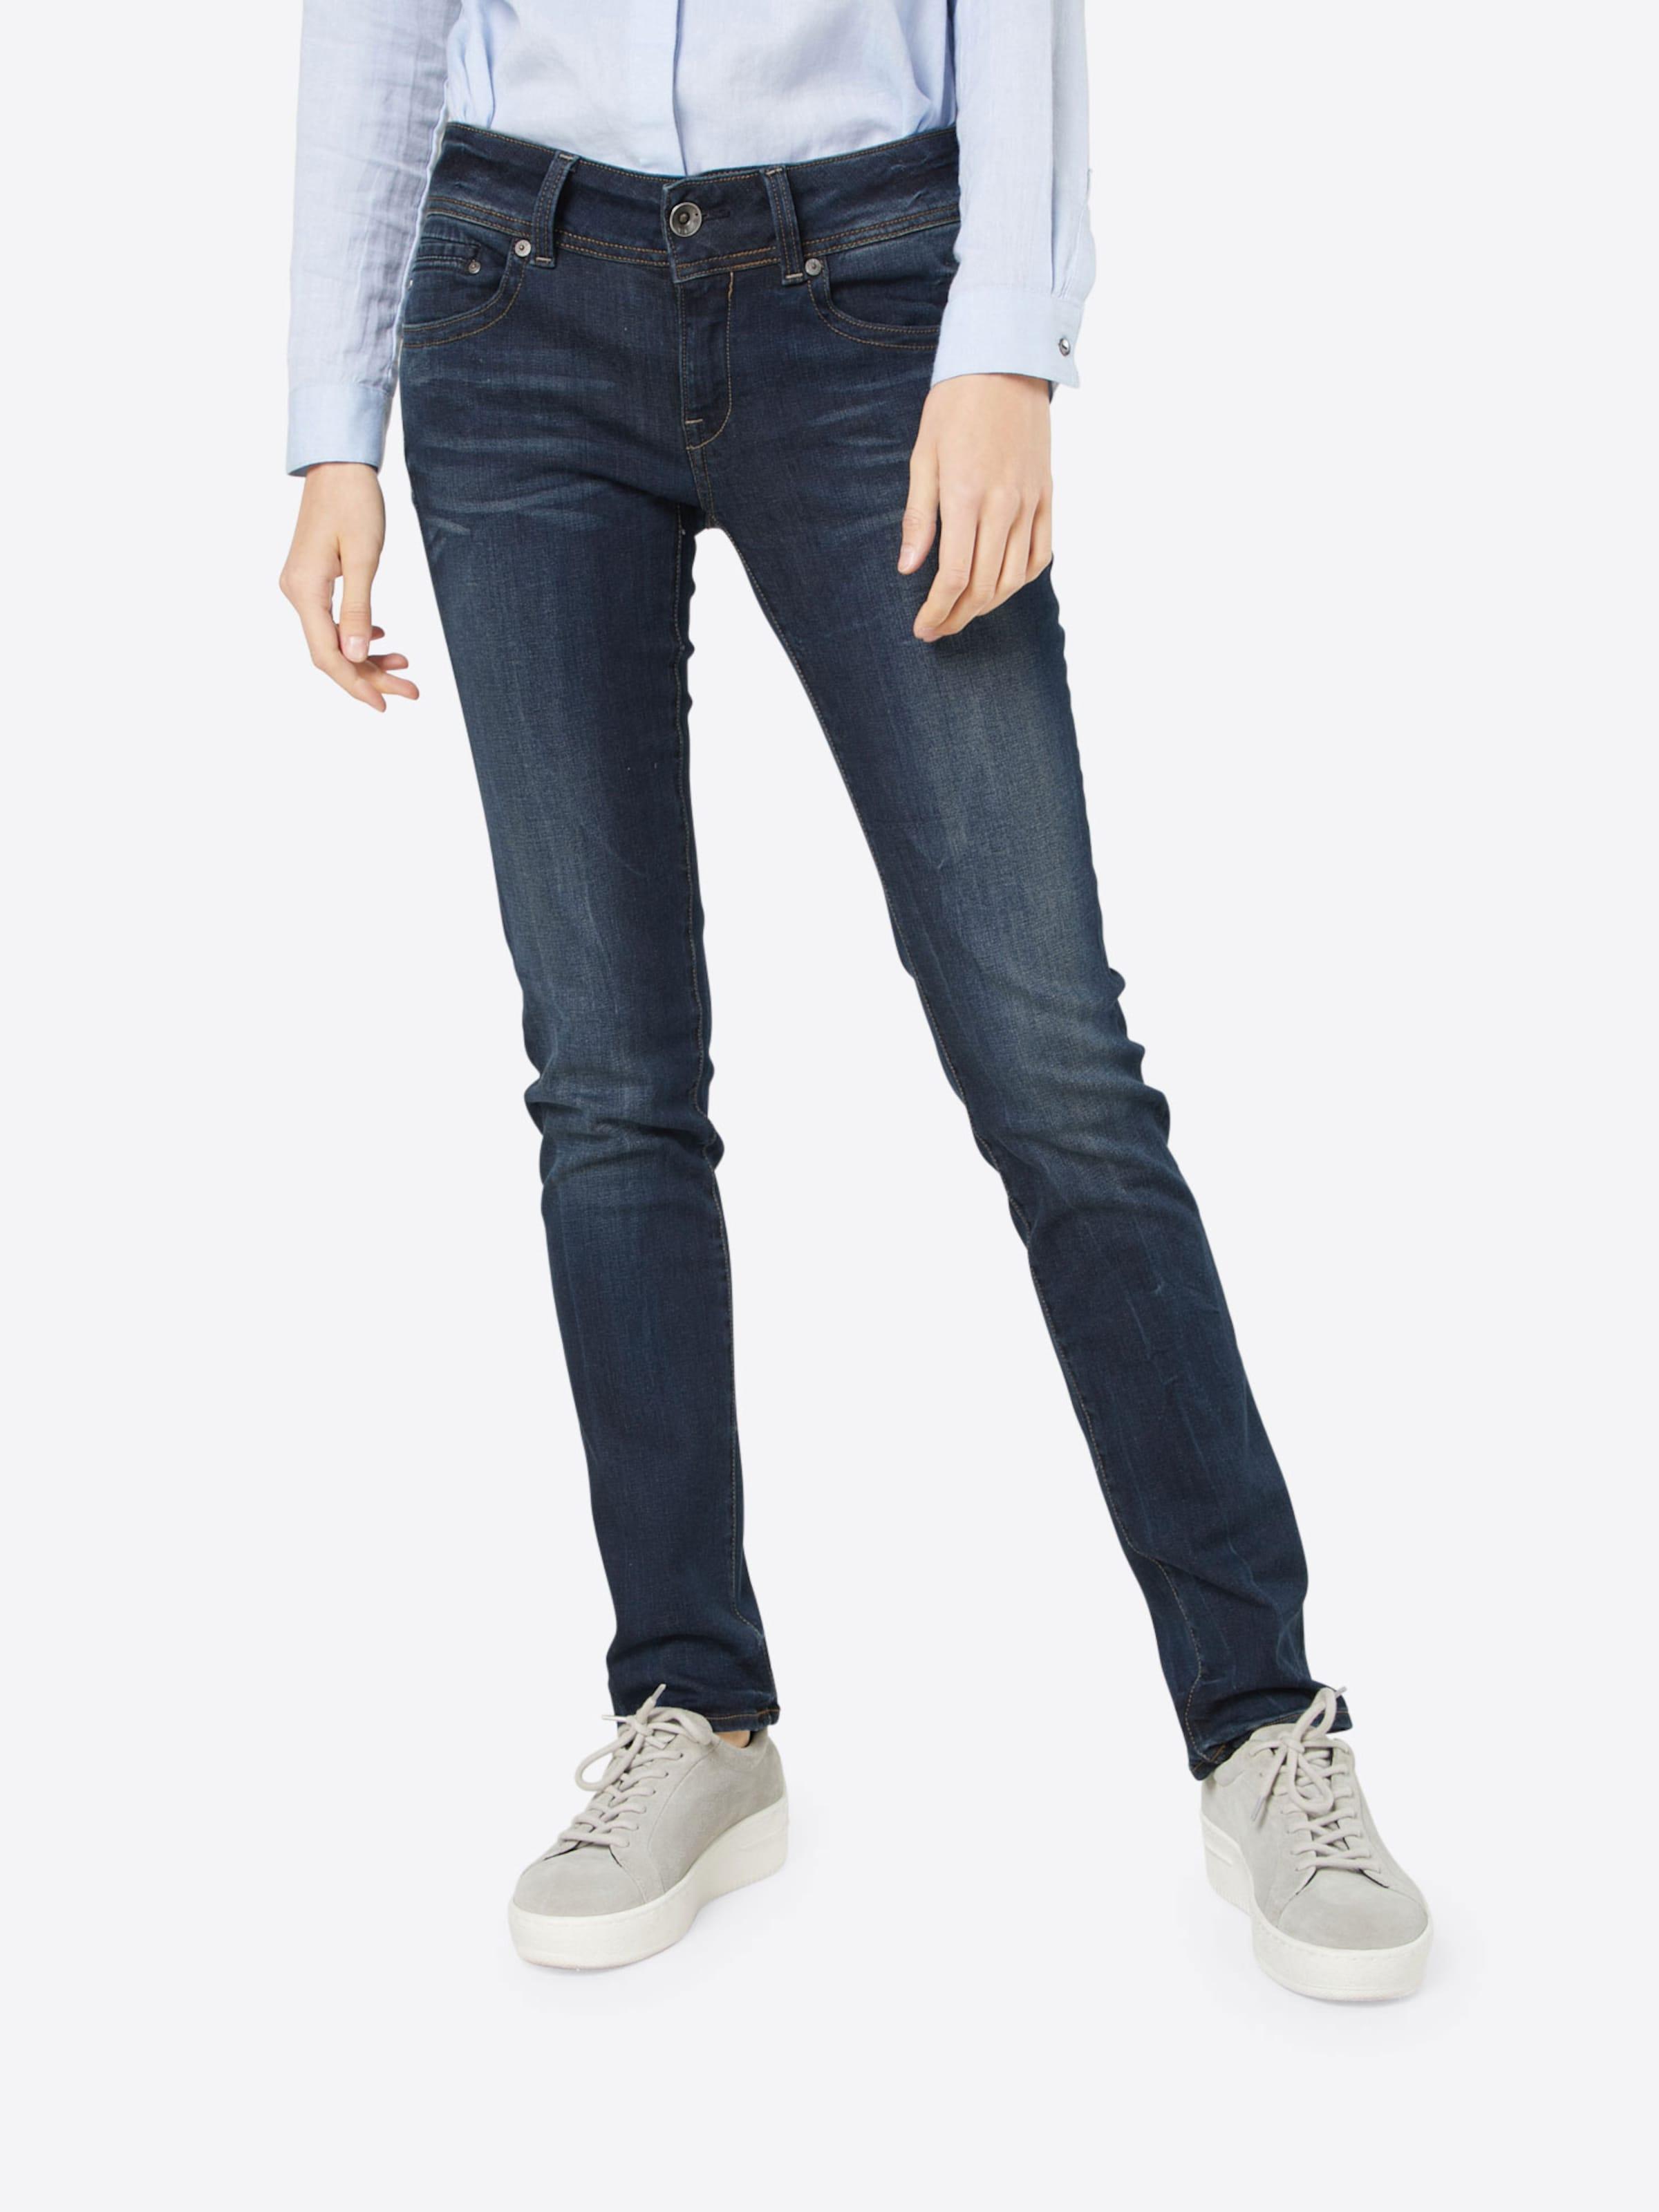 G-STAR RAW 'Midge Saddle Mid Straight' Jeans Großer Verkauf Online Rabatt Kosten Preiswerte Neue Billig Verkauf 2018 hyA7pNVMN